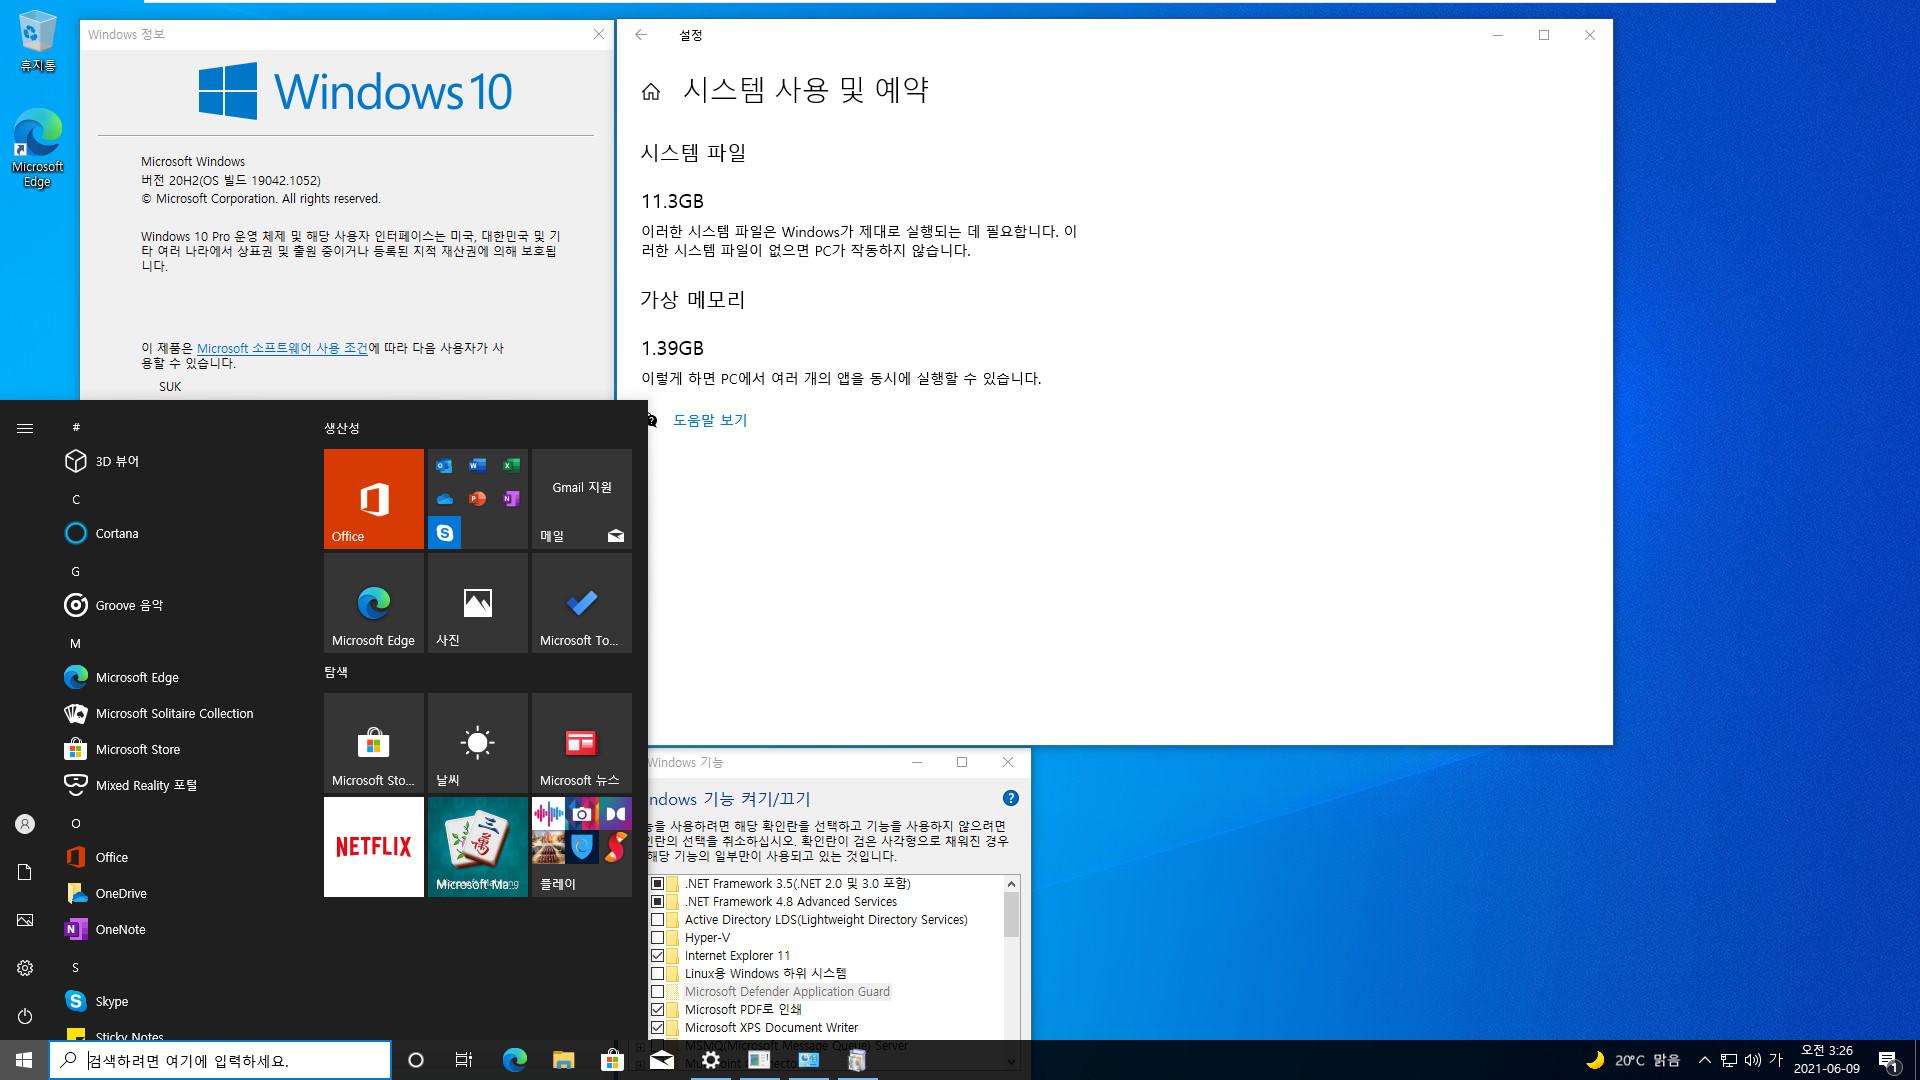 2021-06-09 수요일 정기 업데이트 - PRO x64 3개 버전 통합 - Windows 10 버전 2004, 빌드 19041.1052 + 버전 20H2, 빌드 19042.1052 + 버전 21H1, 빌드 19043.1052 - 공용 누적 업데이트 KB5003637 - 2021-06-09_032619.jpg